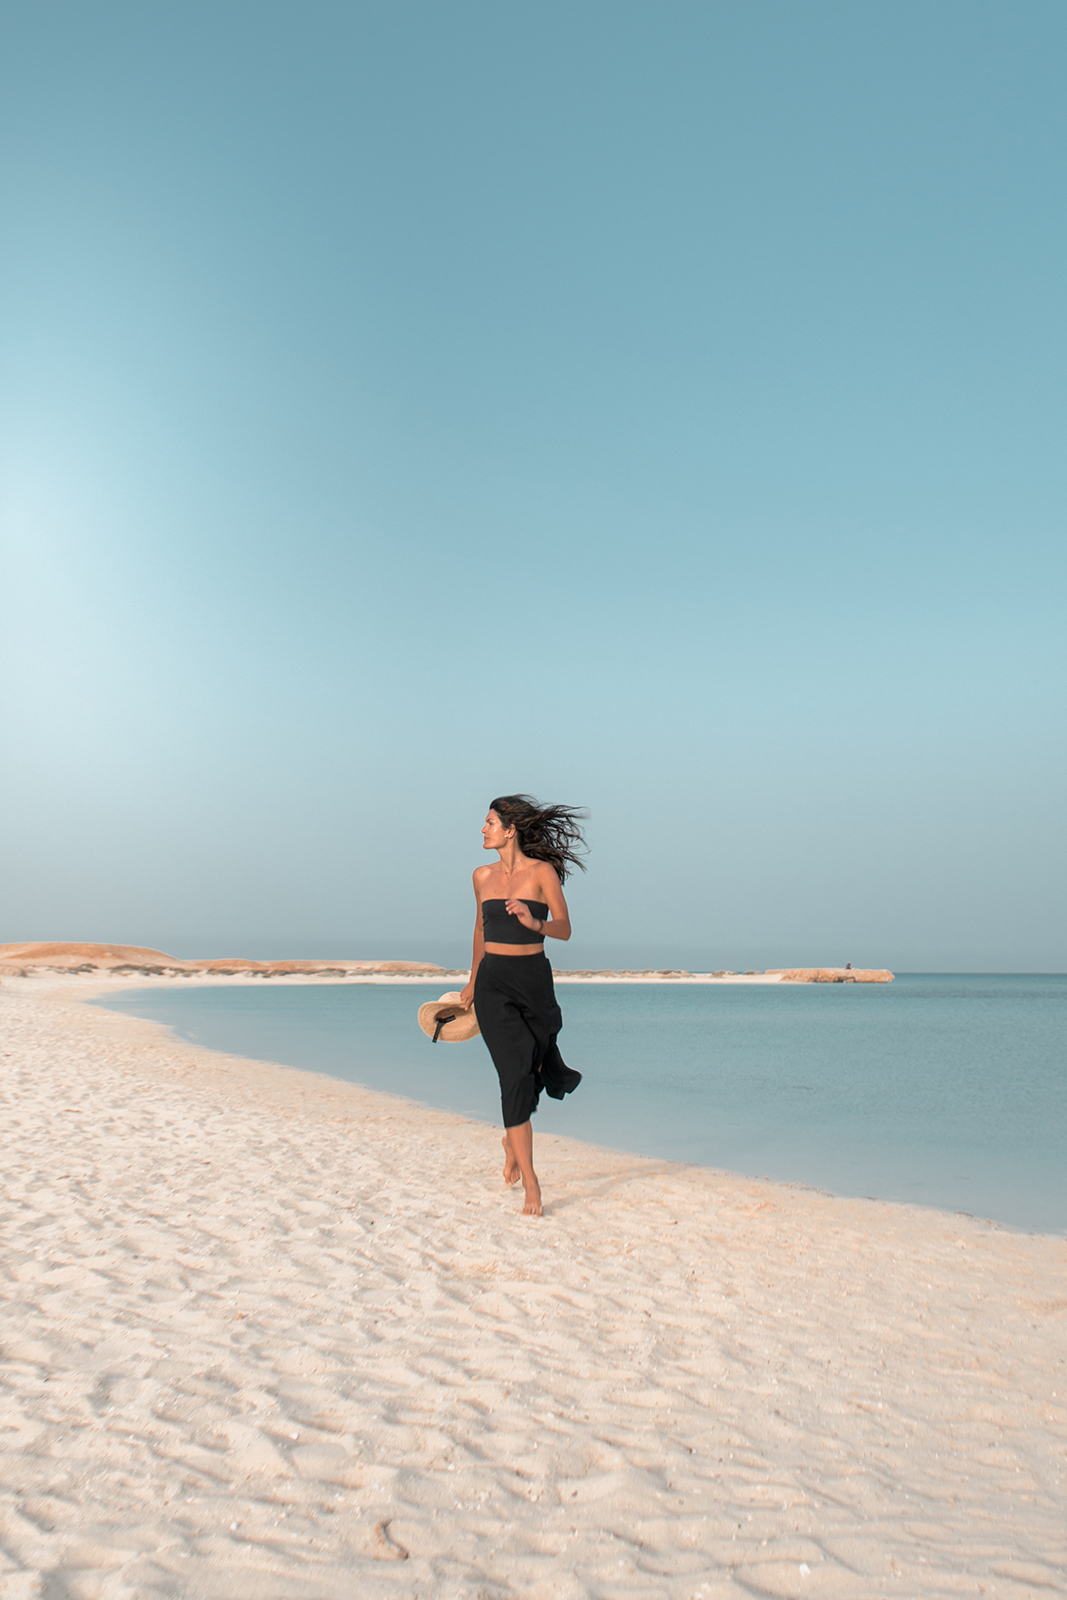 Girl in black running on the beach in Egypt